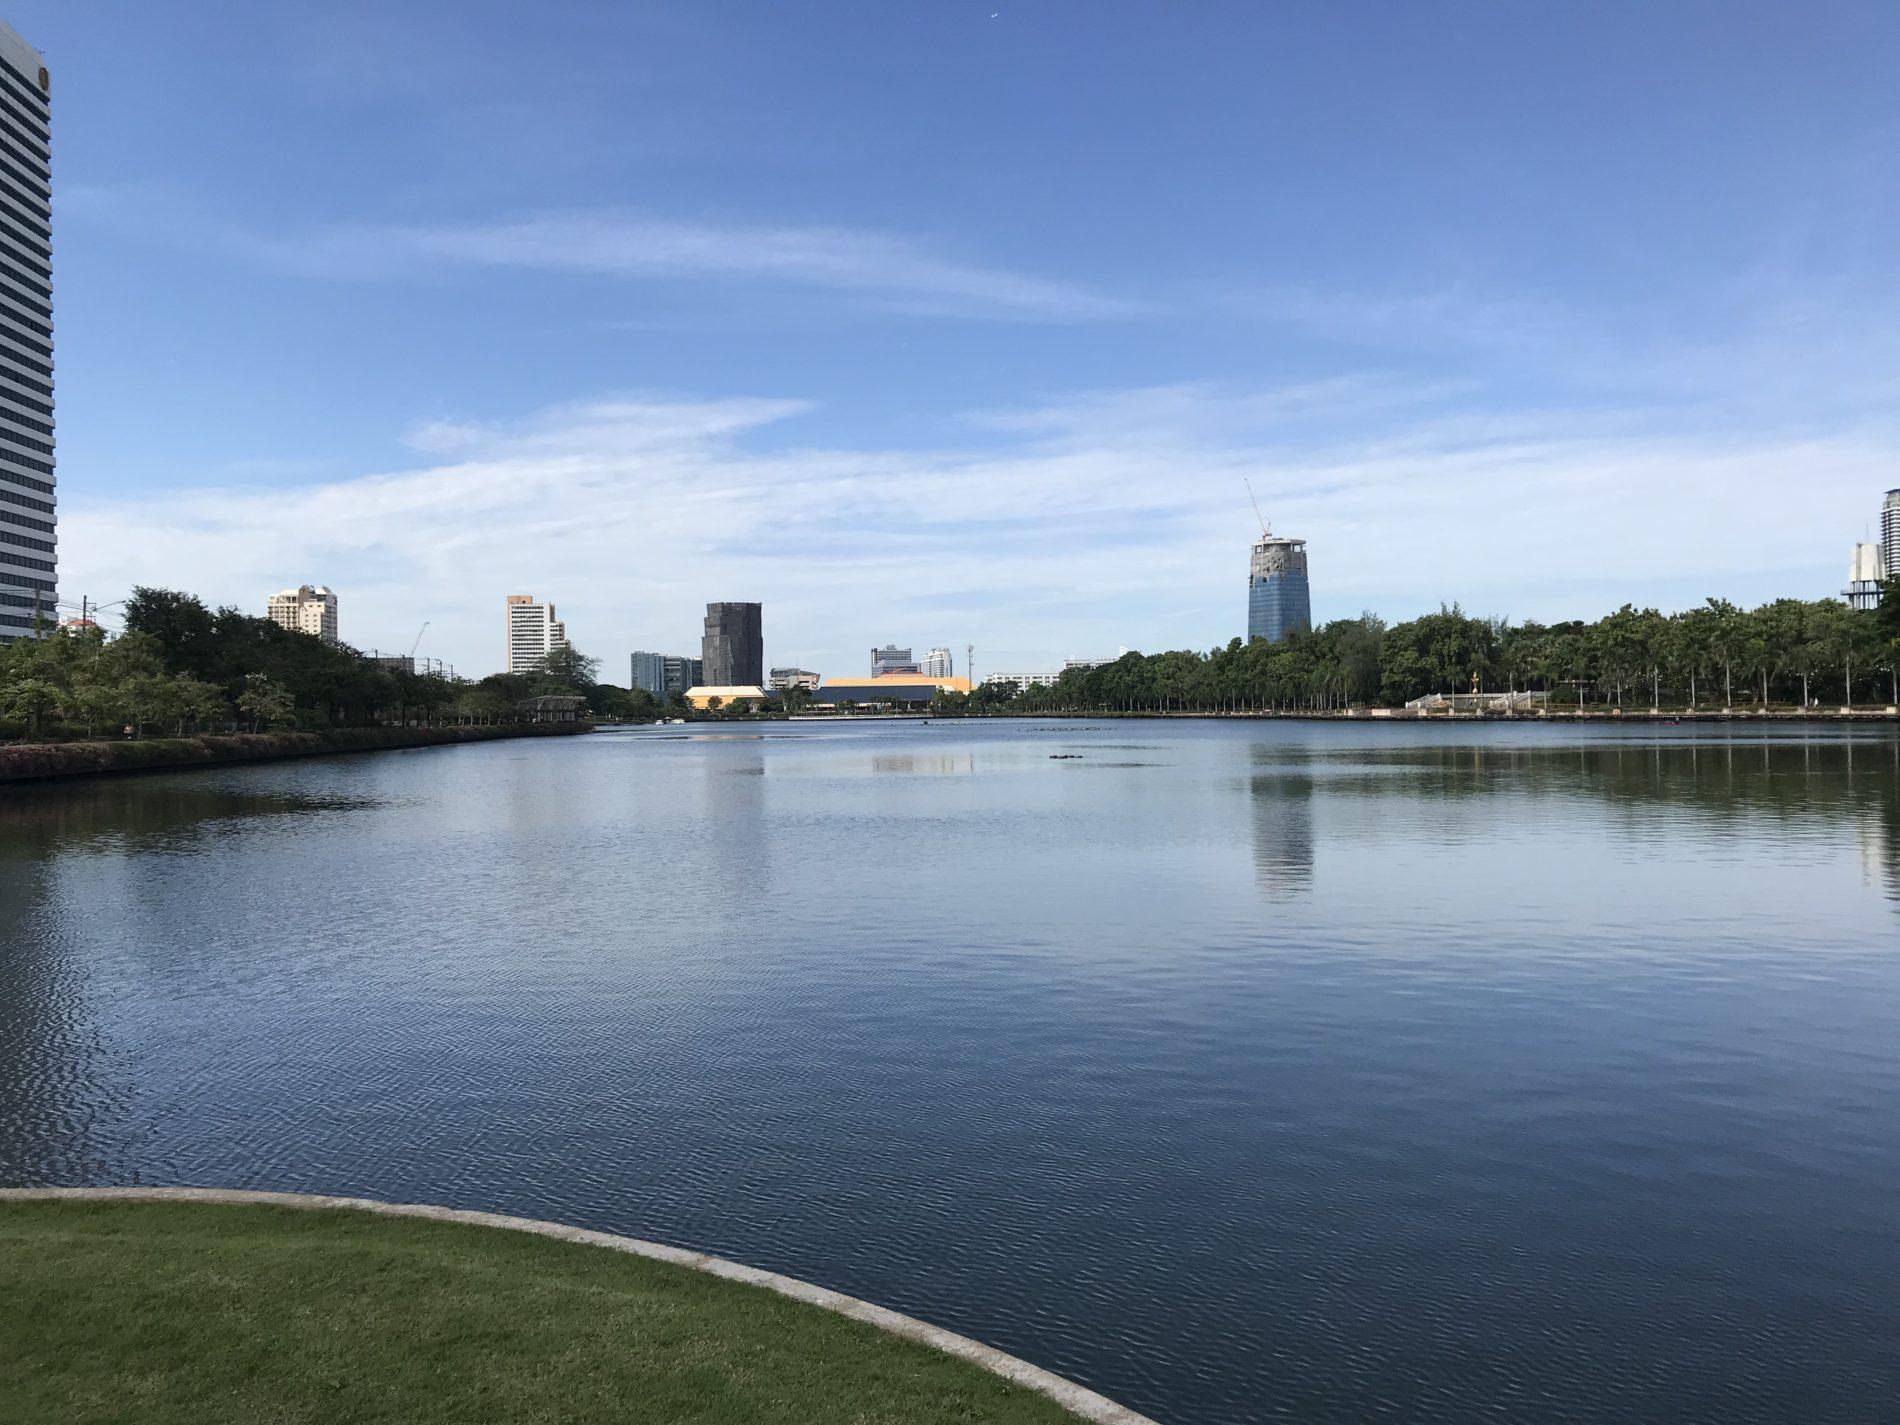 タイ,バンコク,ベンジャキティ公園